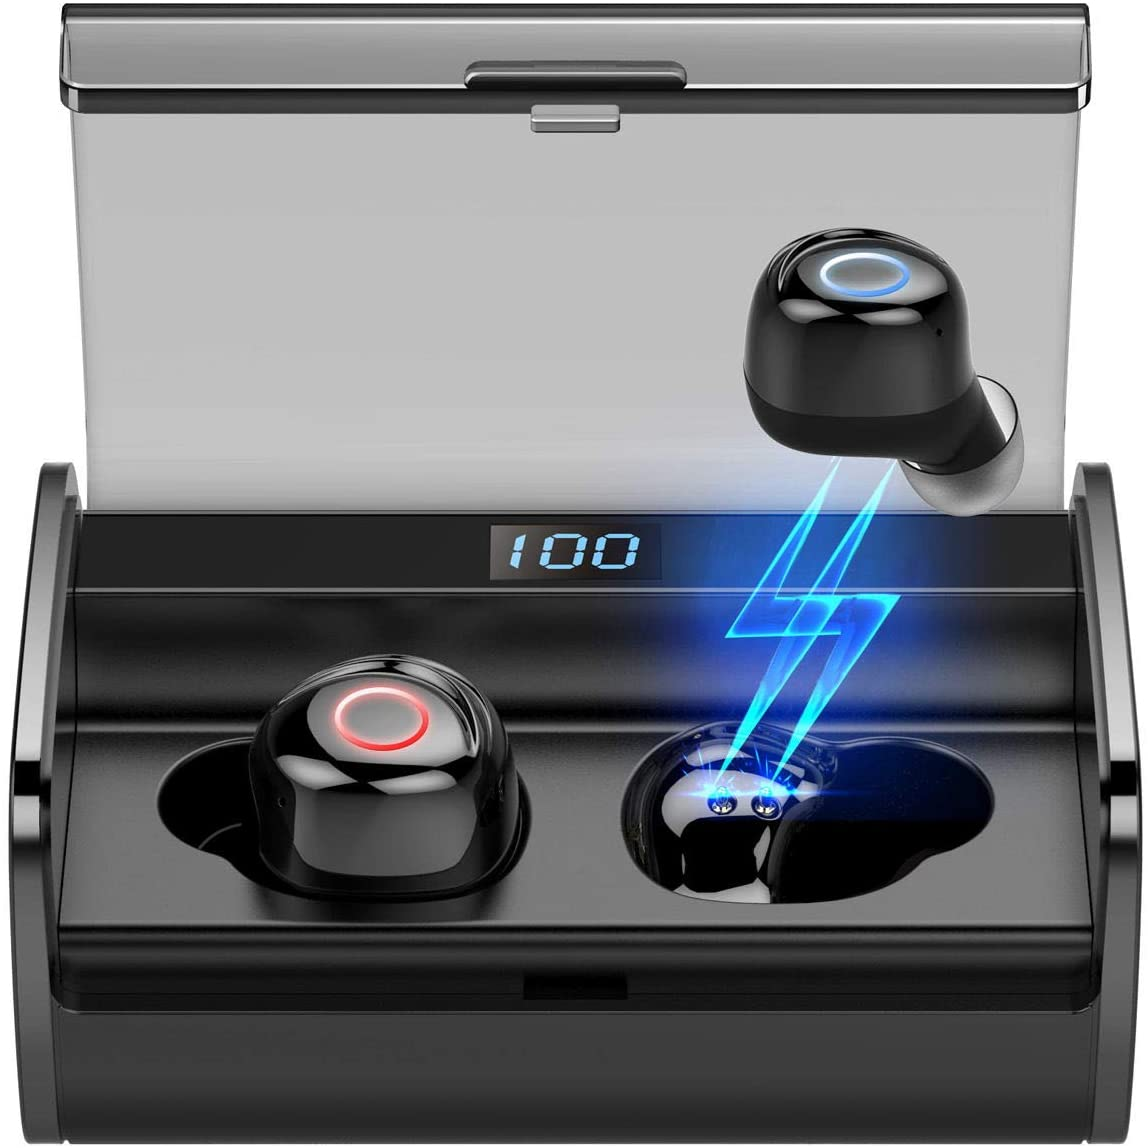 Наушники-вкладыши EZEAR X12 TWS, 2200mA, спортивные беспроводные наушники, портативная гарнитура Bluetooth 5,0, 90 часов, IPX8 водонепроницаемые наушники